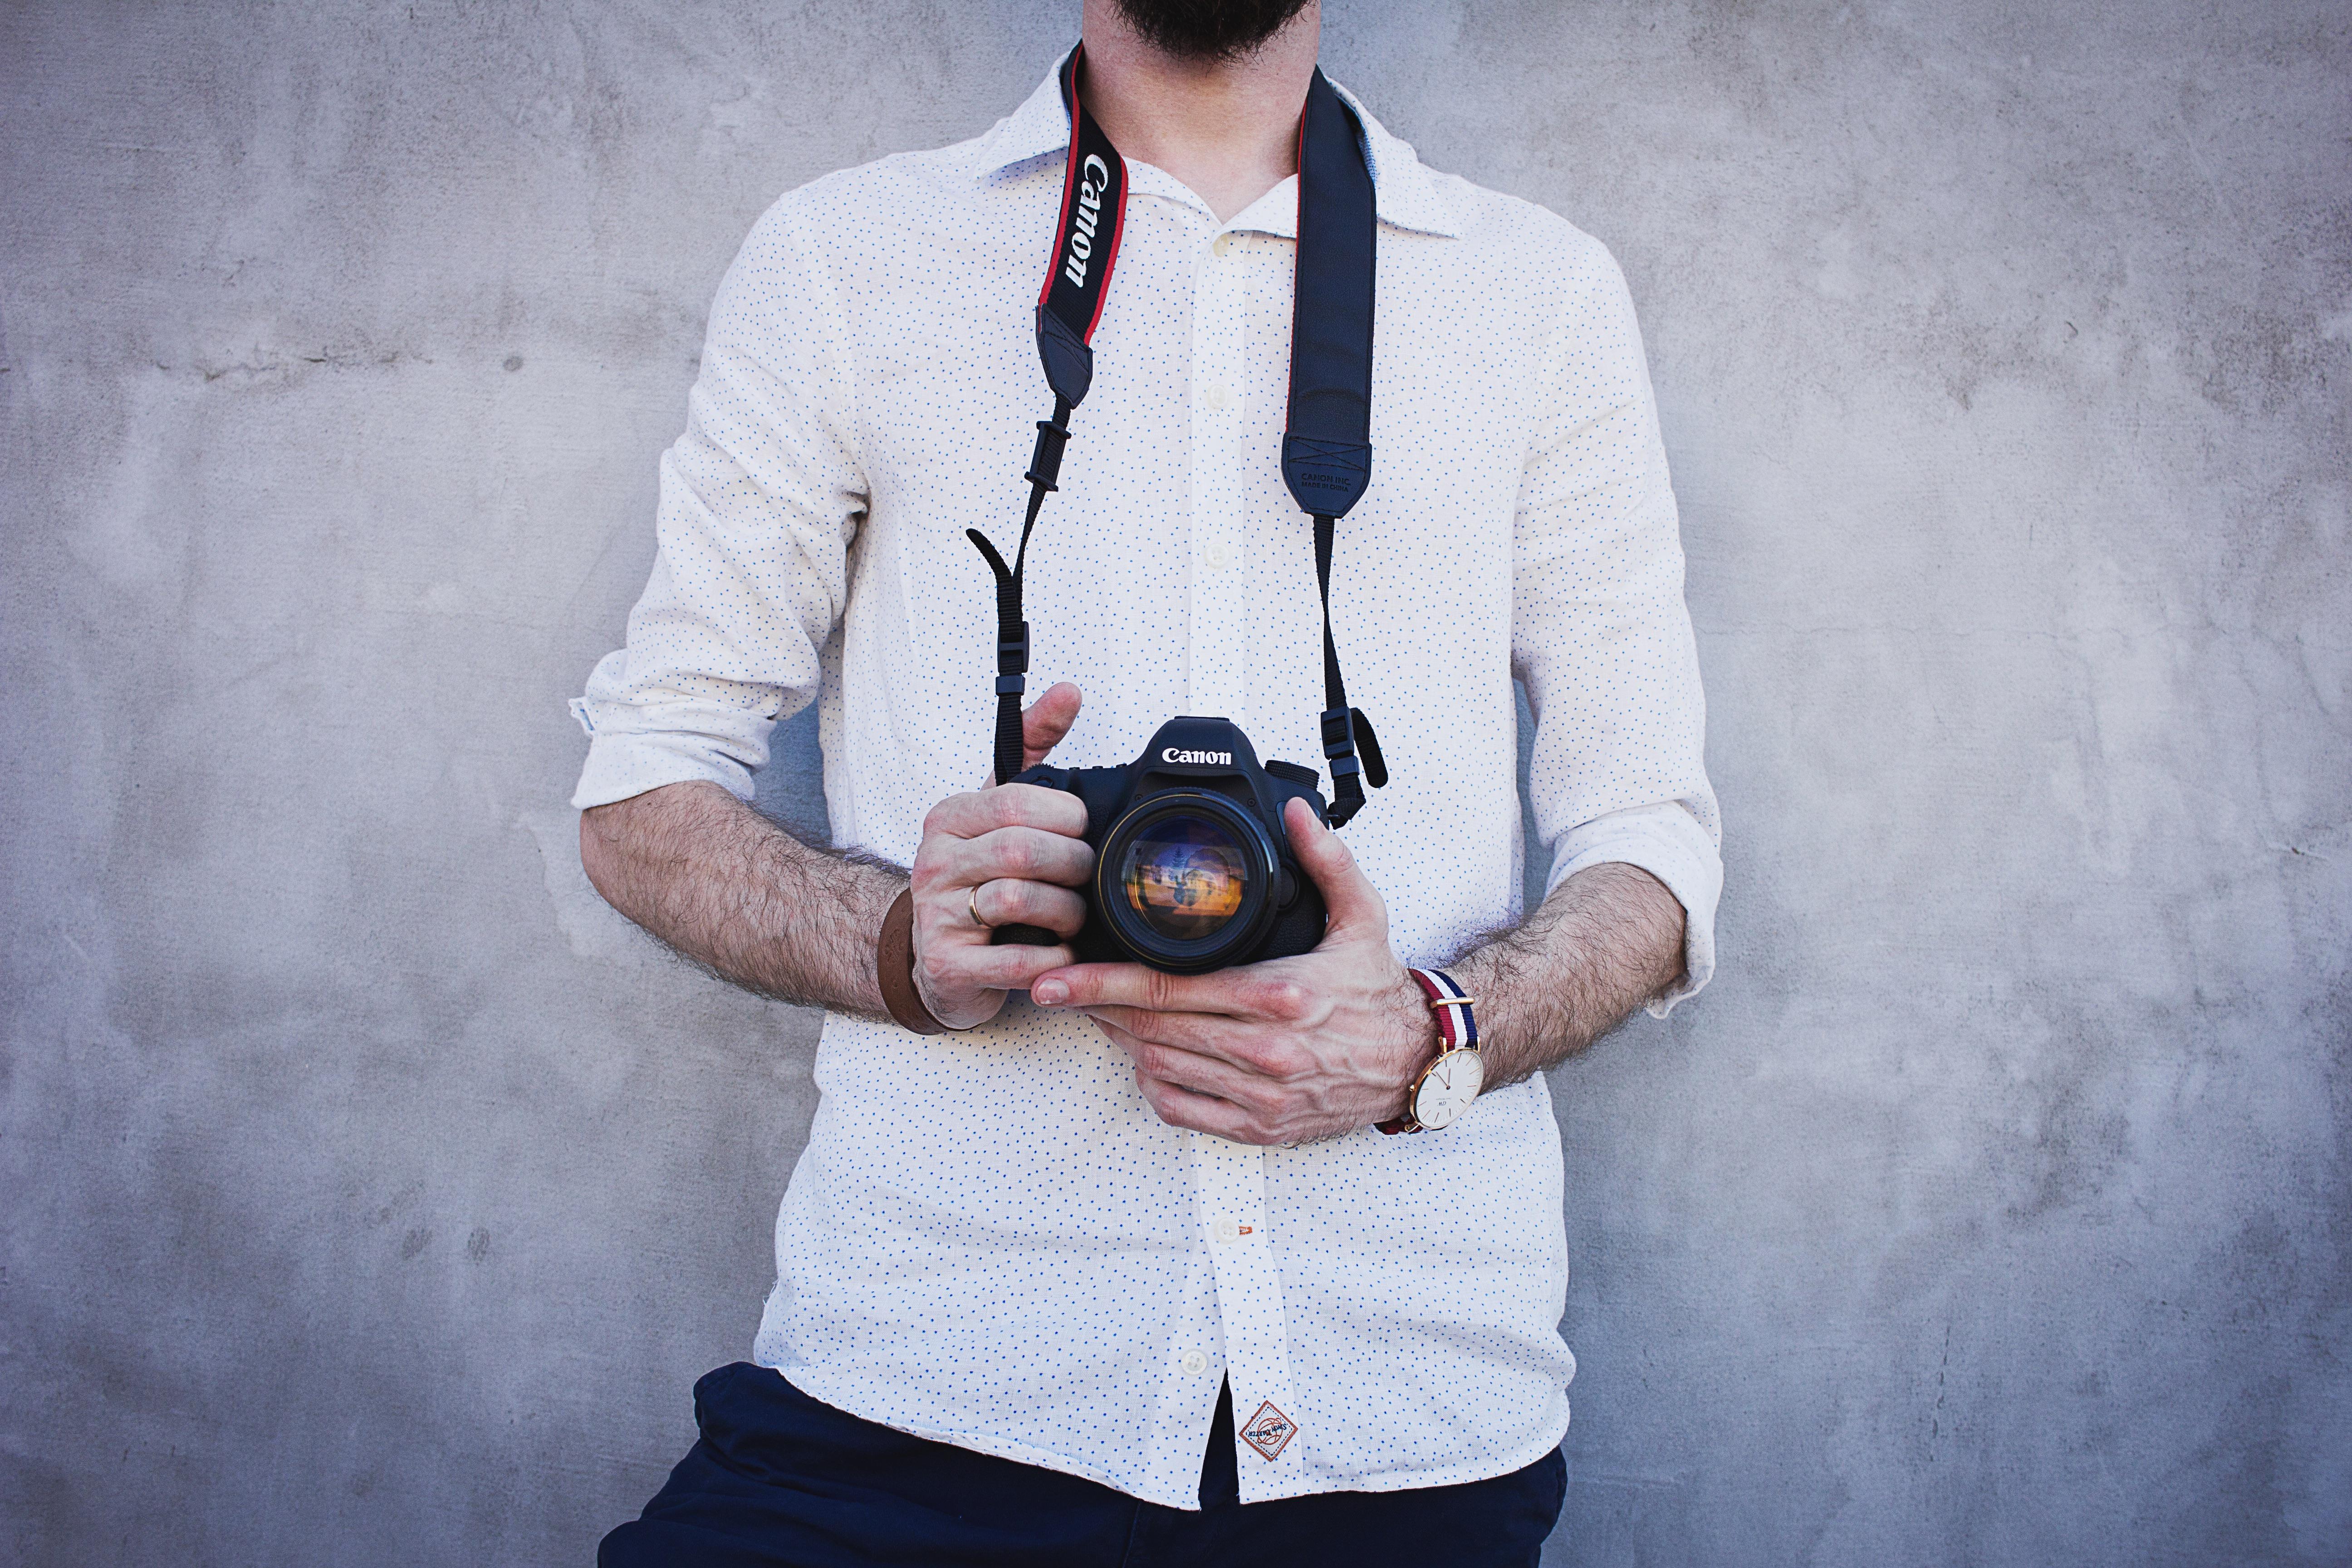 здесь познавательно стильный сайт фотографа постепенно